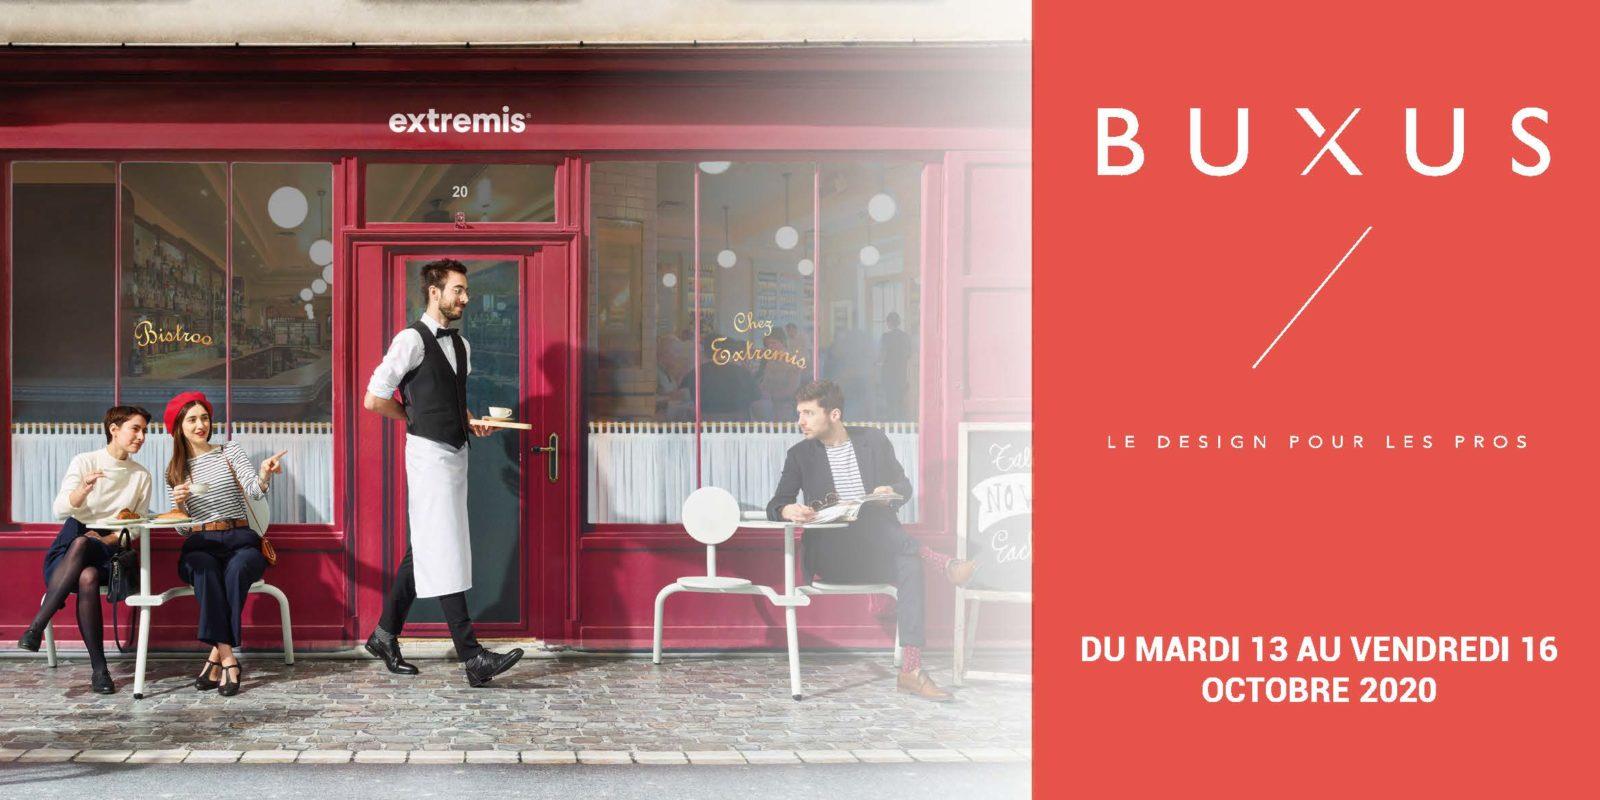 BUXUS hôtel - mobiliers professionnels Bordeaux